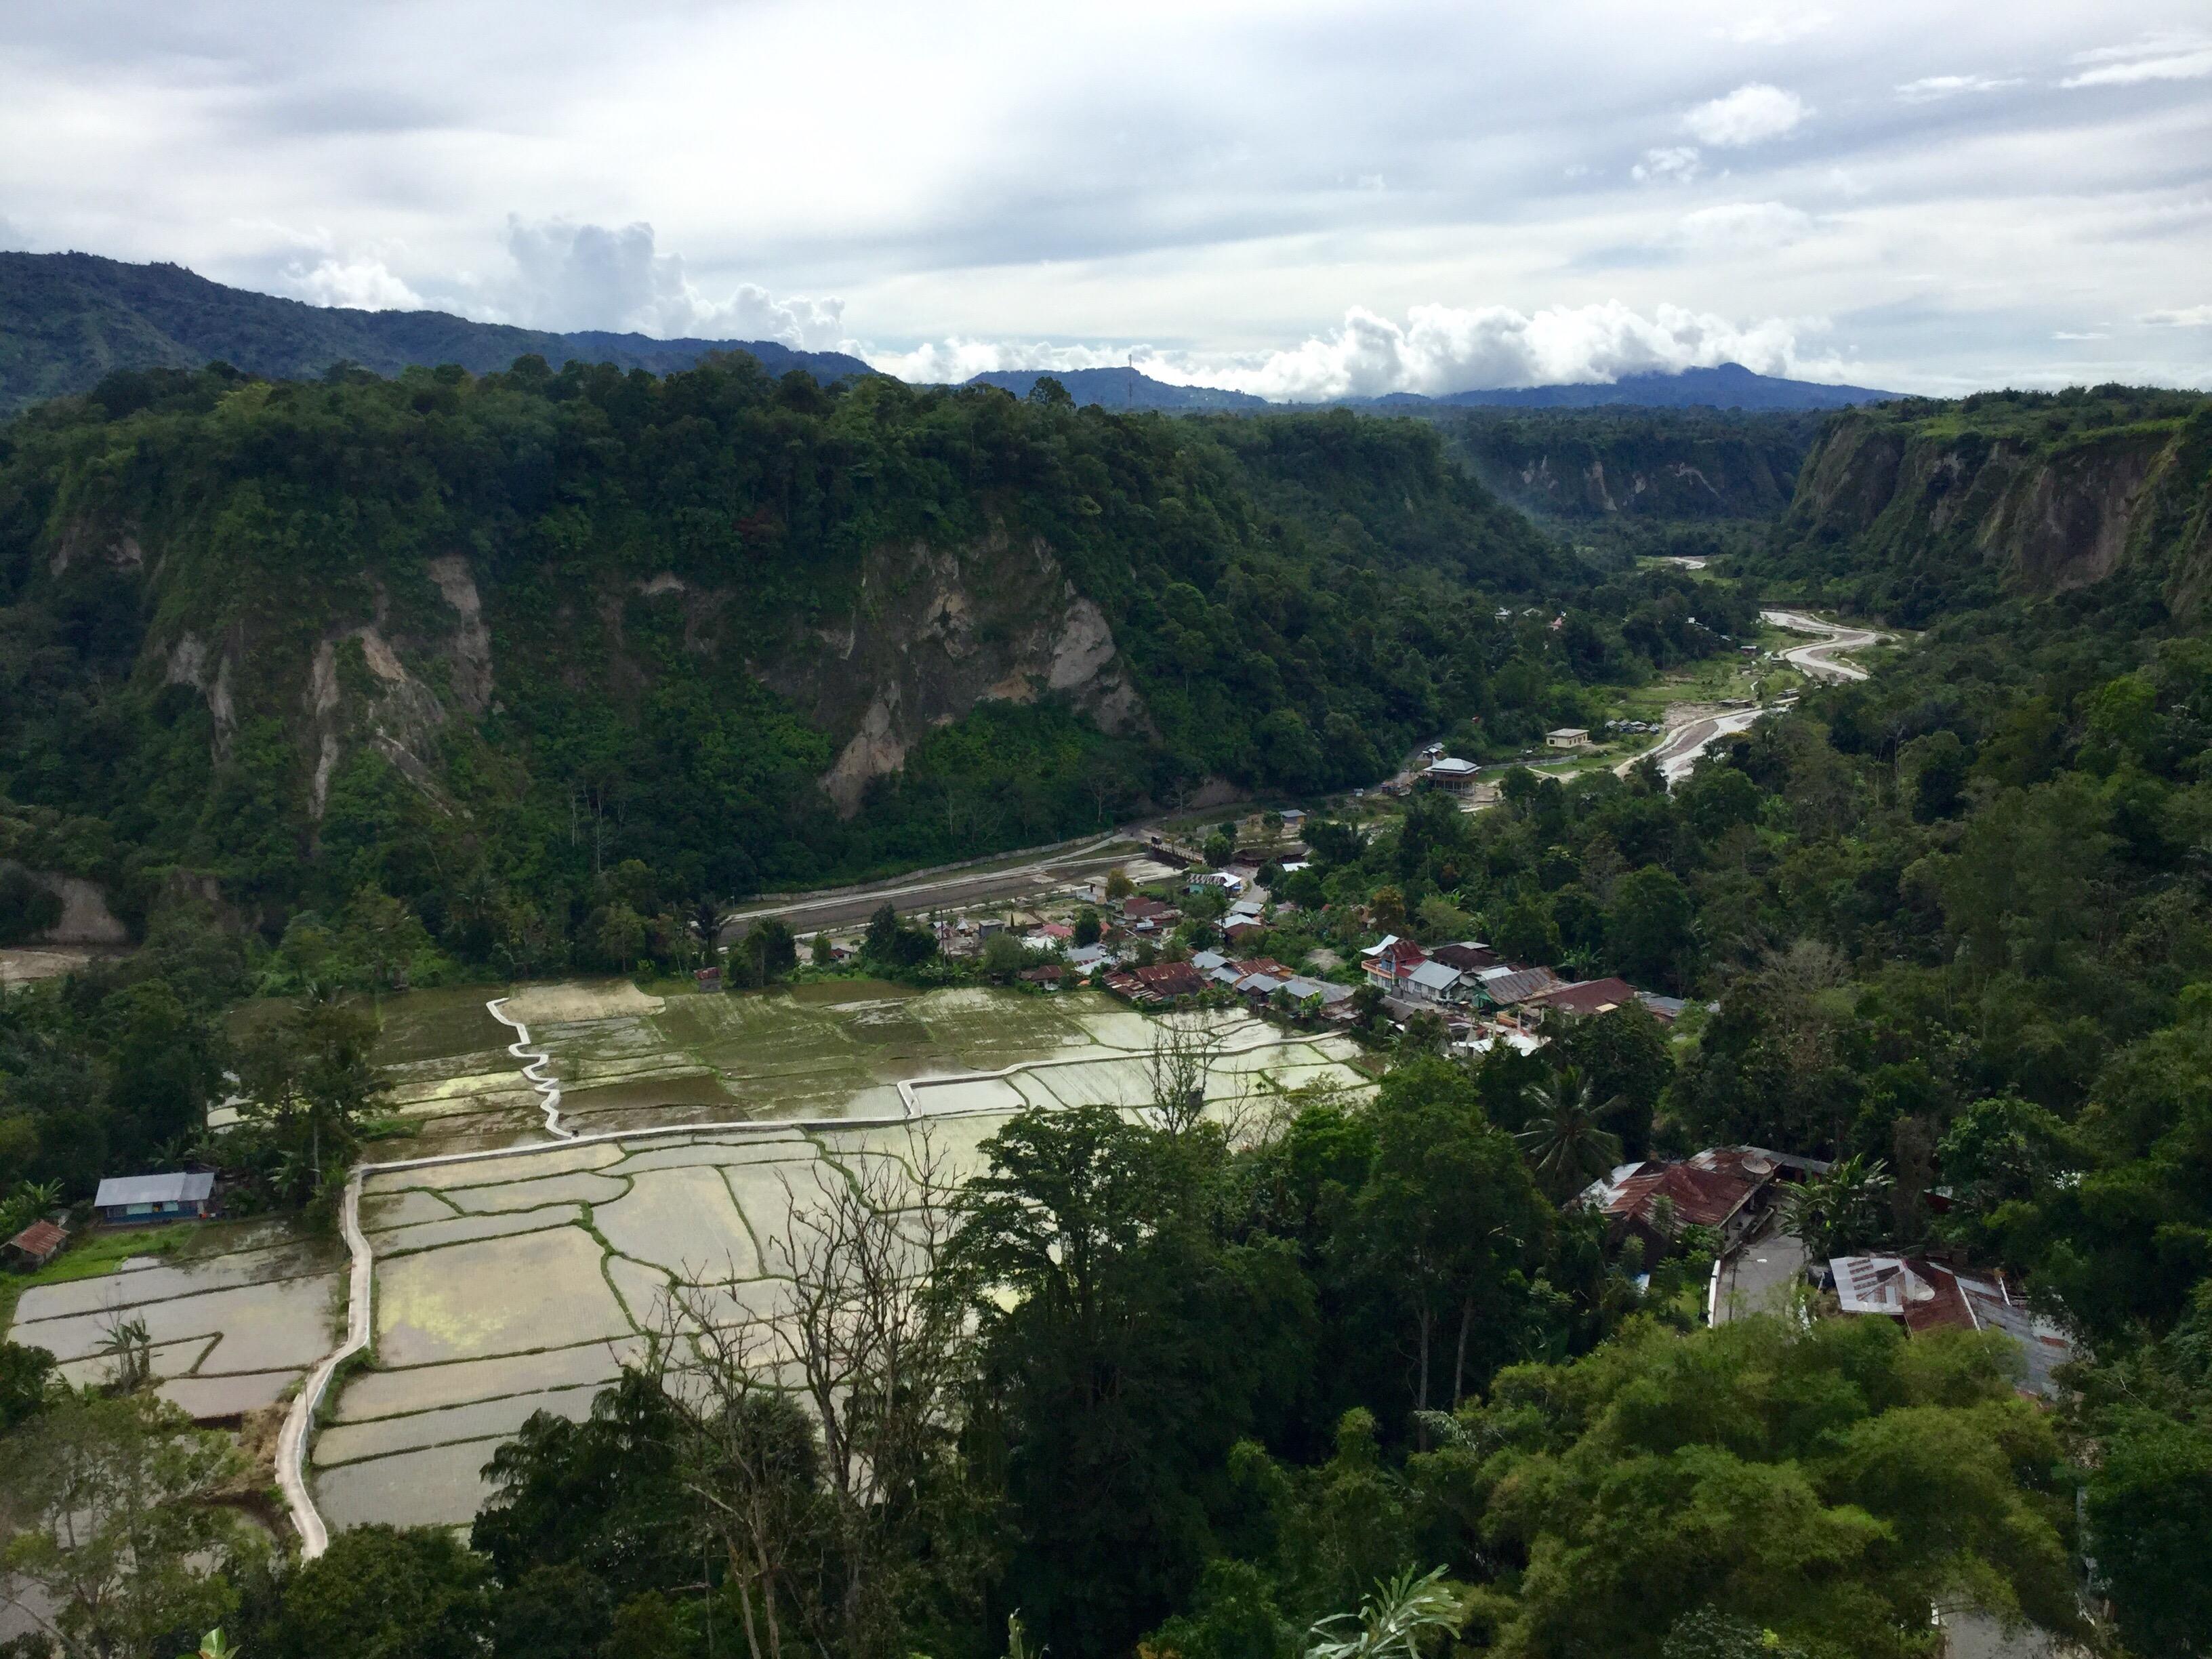 Sianok Canyon, Bukittinggi, West Sumatra, Indonesia